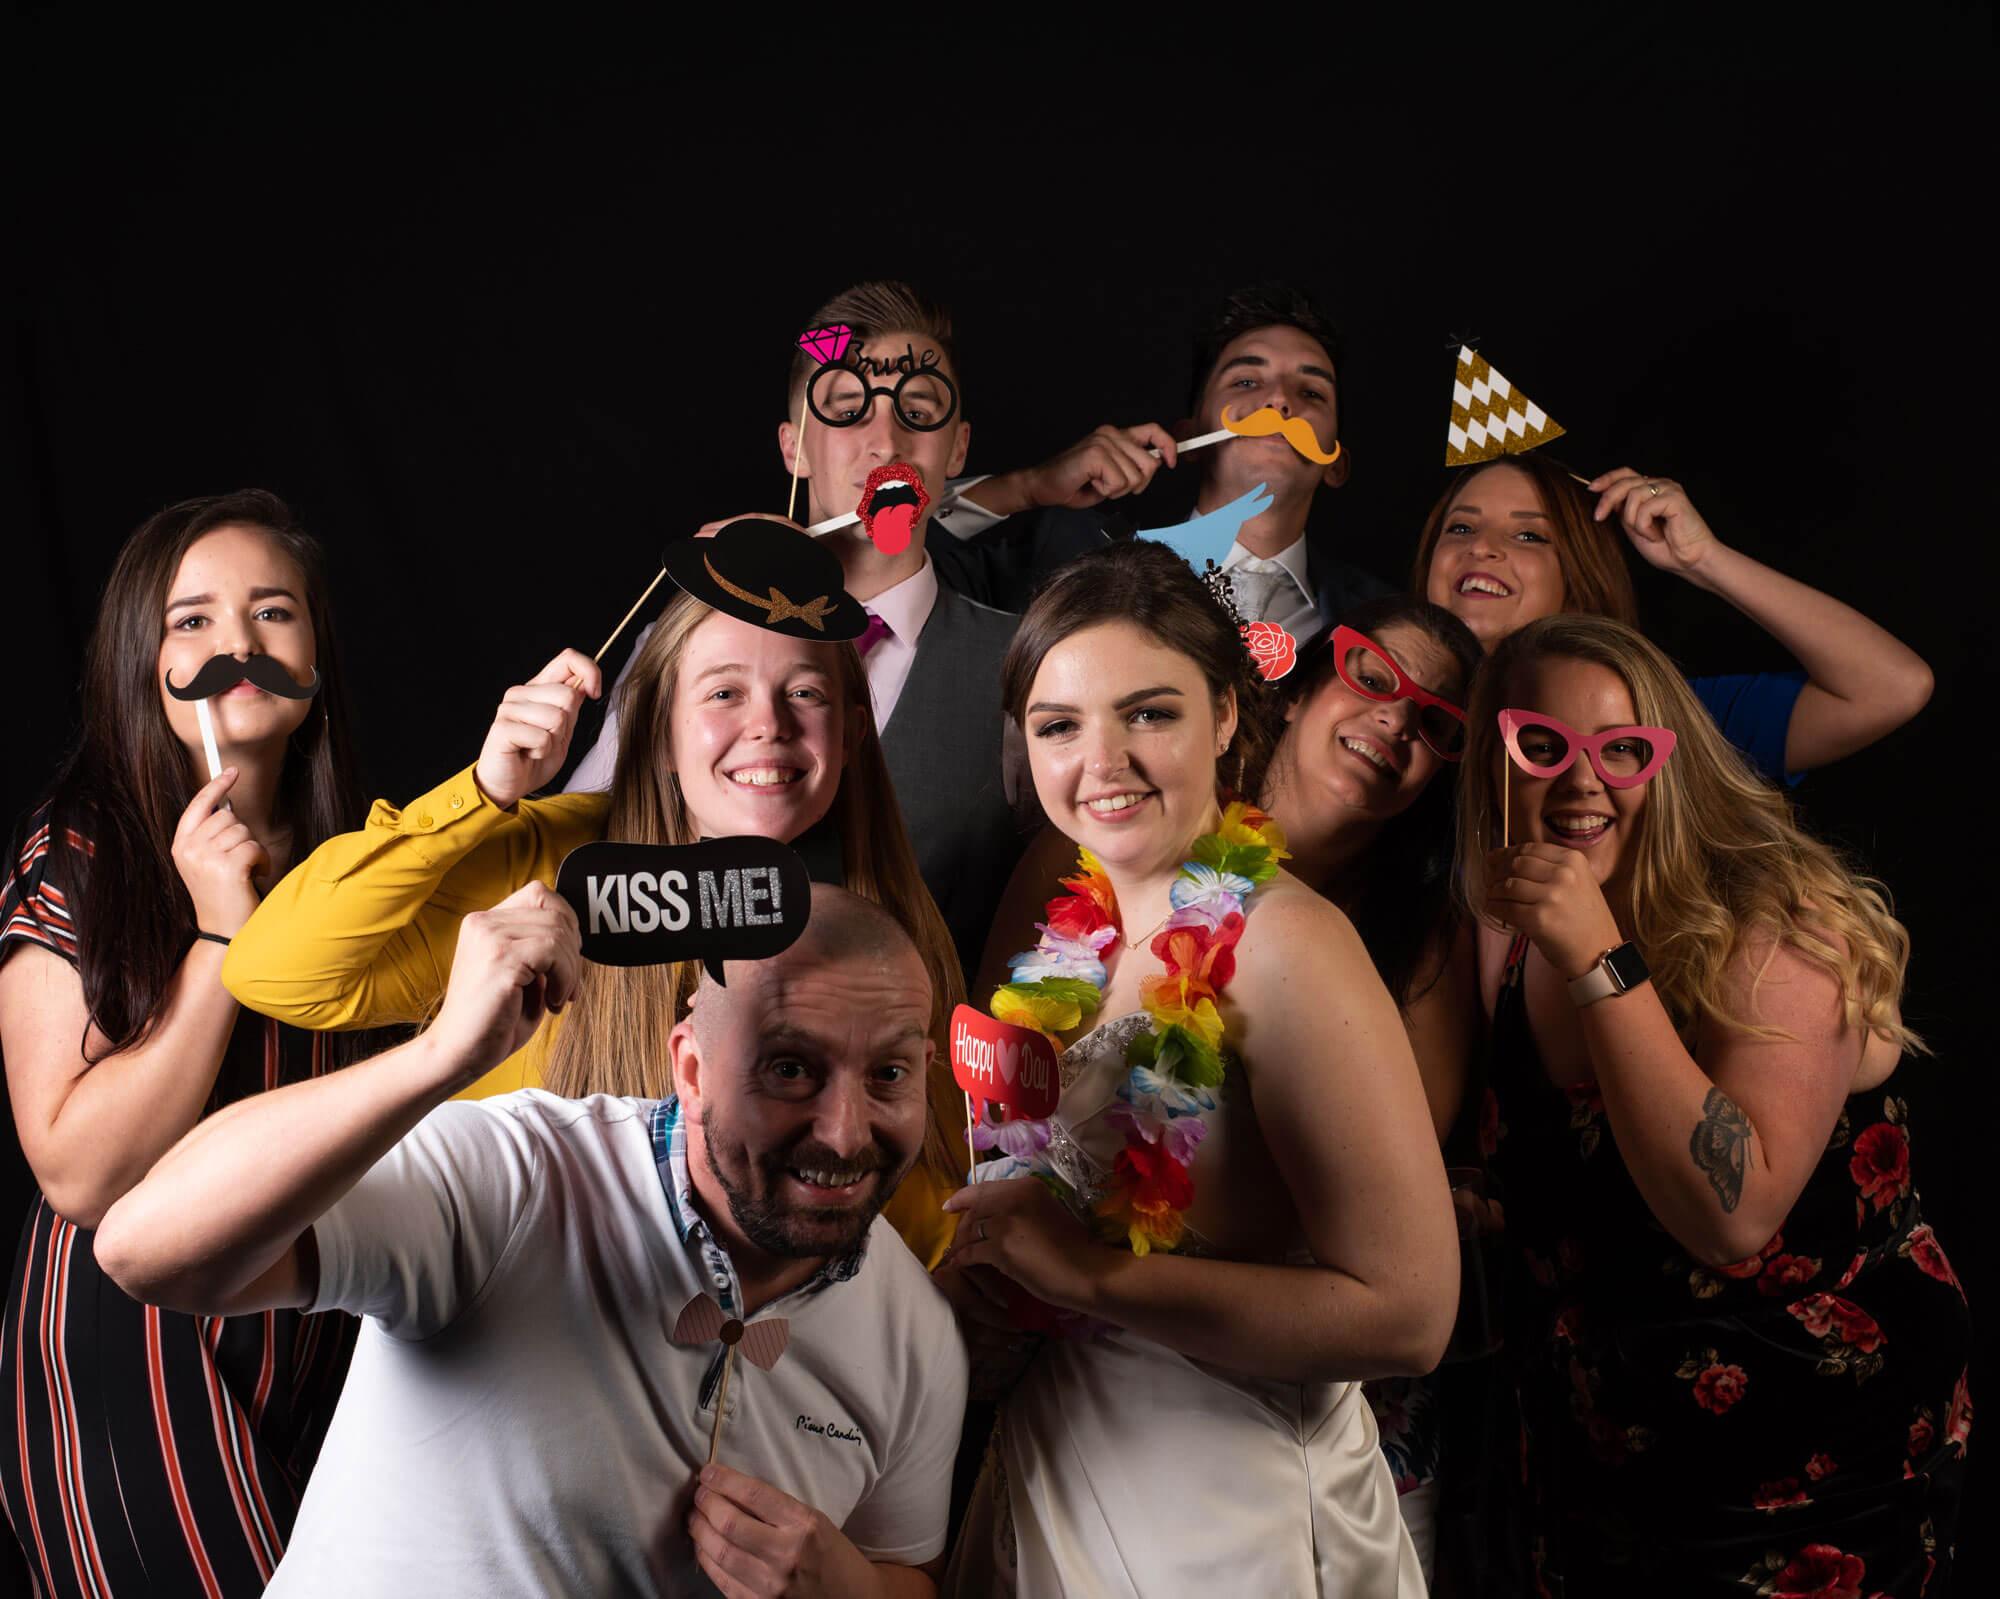 group shot on black background pop up studio